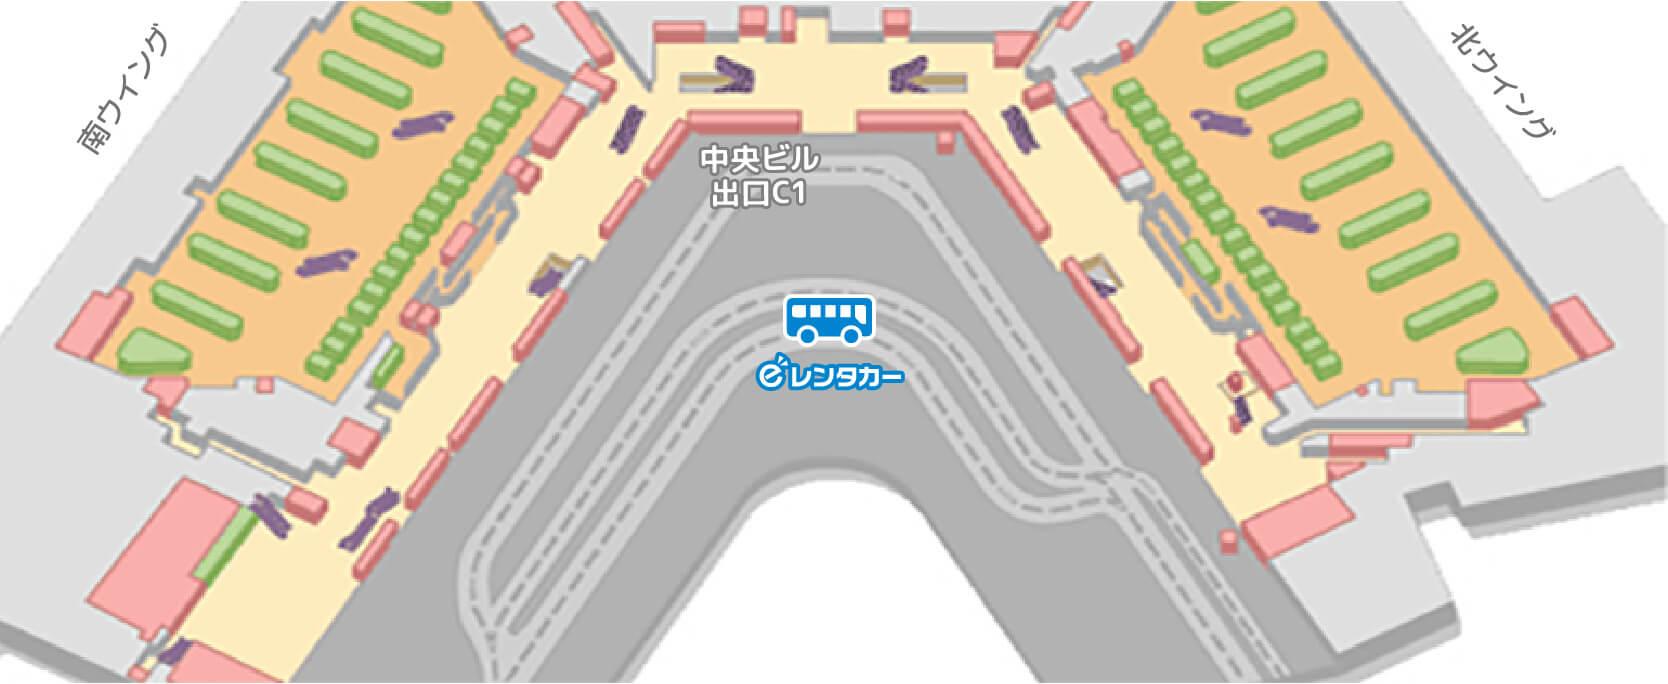 第一ターミナルバス停車位置